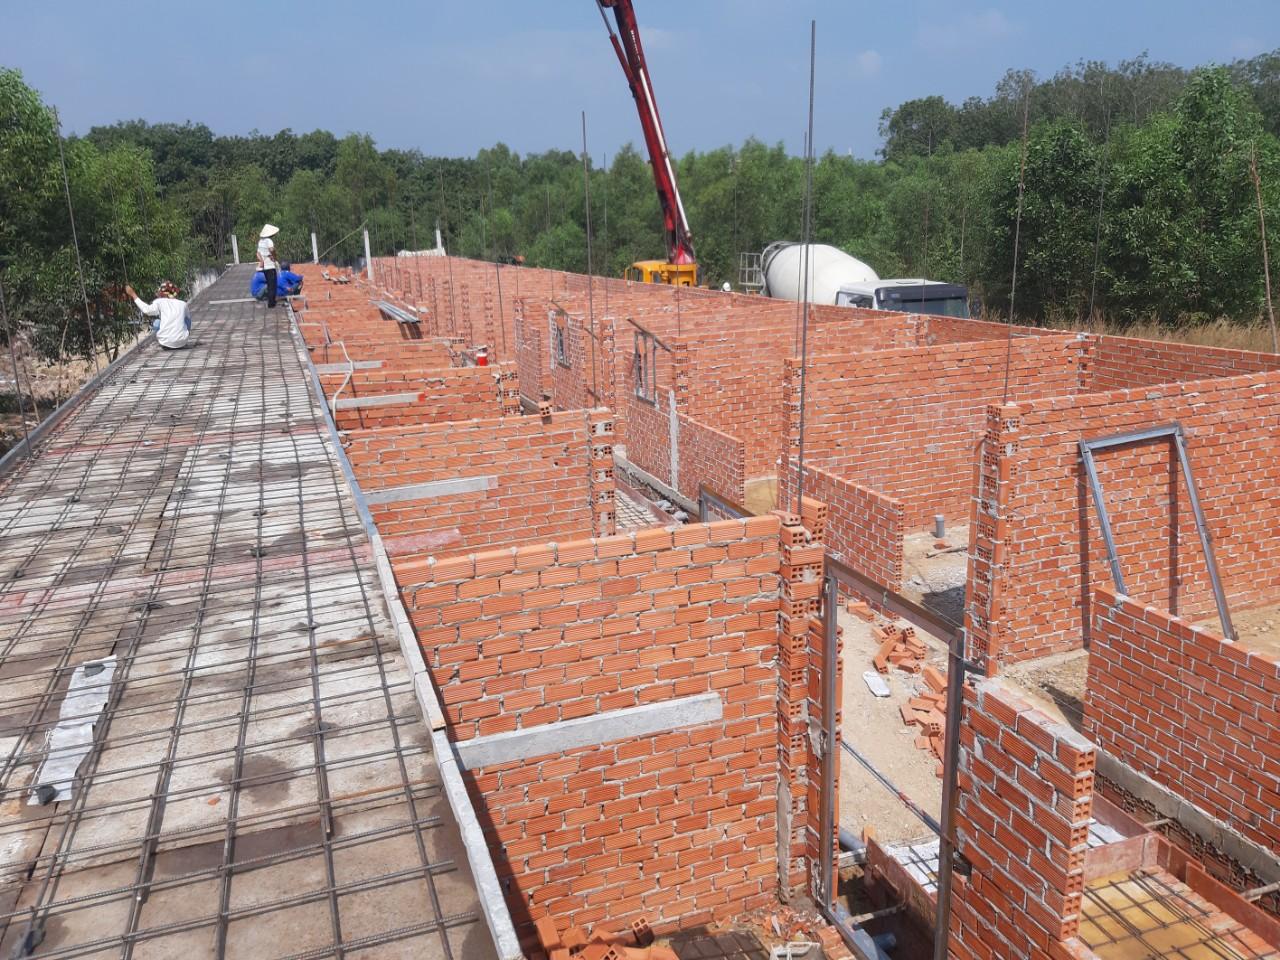 Thi công xây dựng tại Nghĩa Hành với Quang Phúc